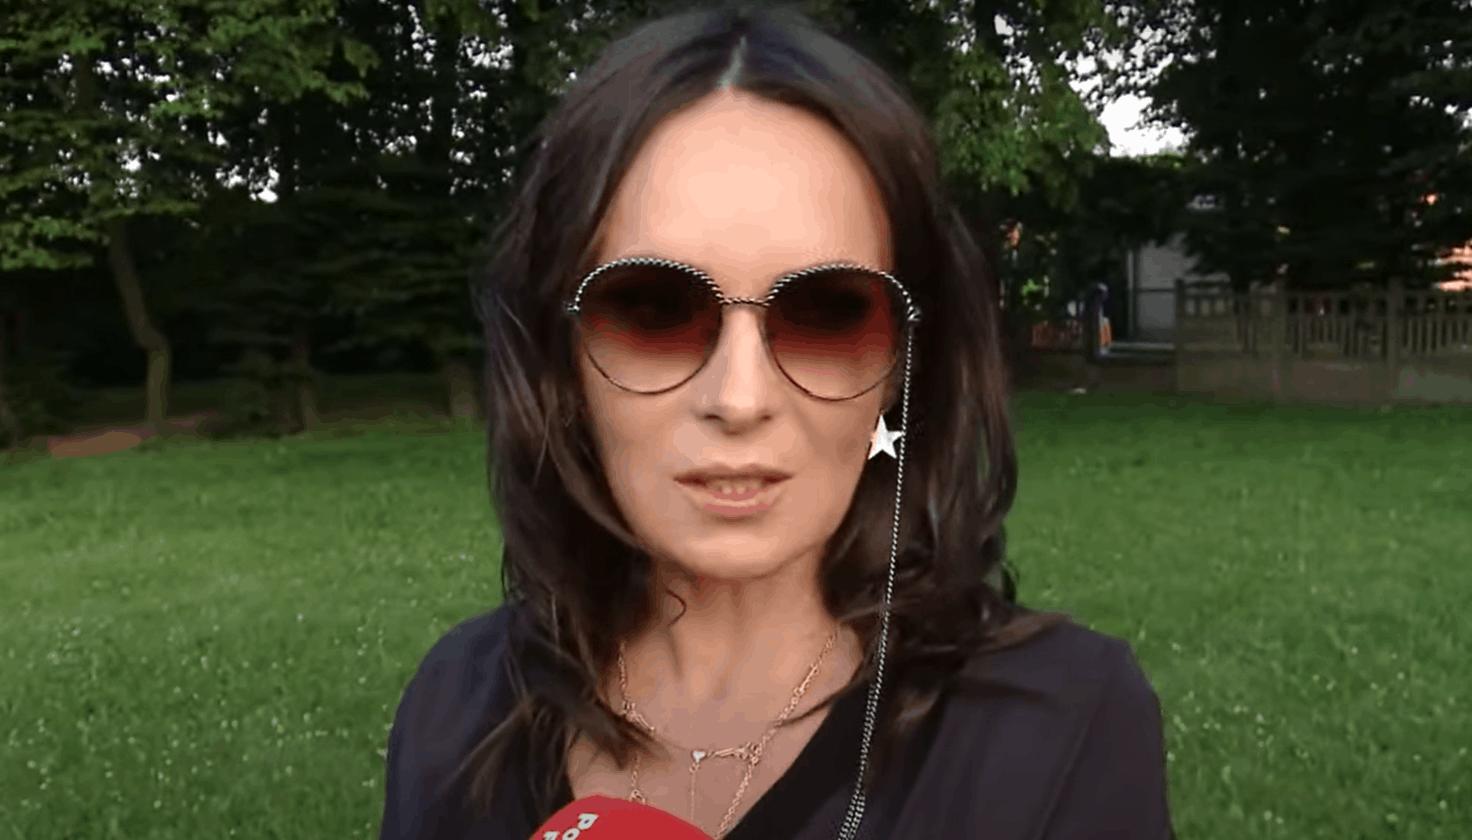 Koronawirus w Wielkiej Brytanii: Ola Kowalska przebywa w szpitalu, była w ciężkim stanie, teraz Kasia Kowalska przekazała nowe wieści o córce